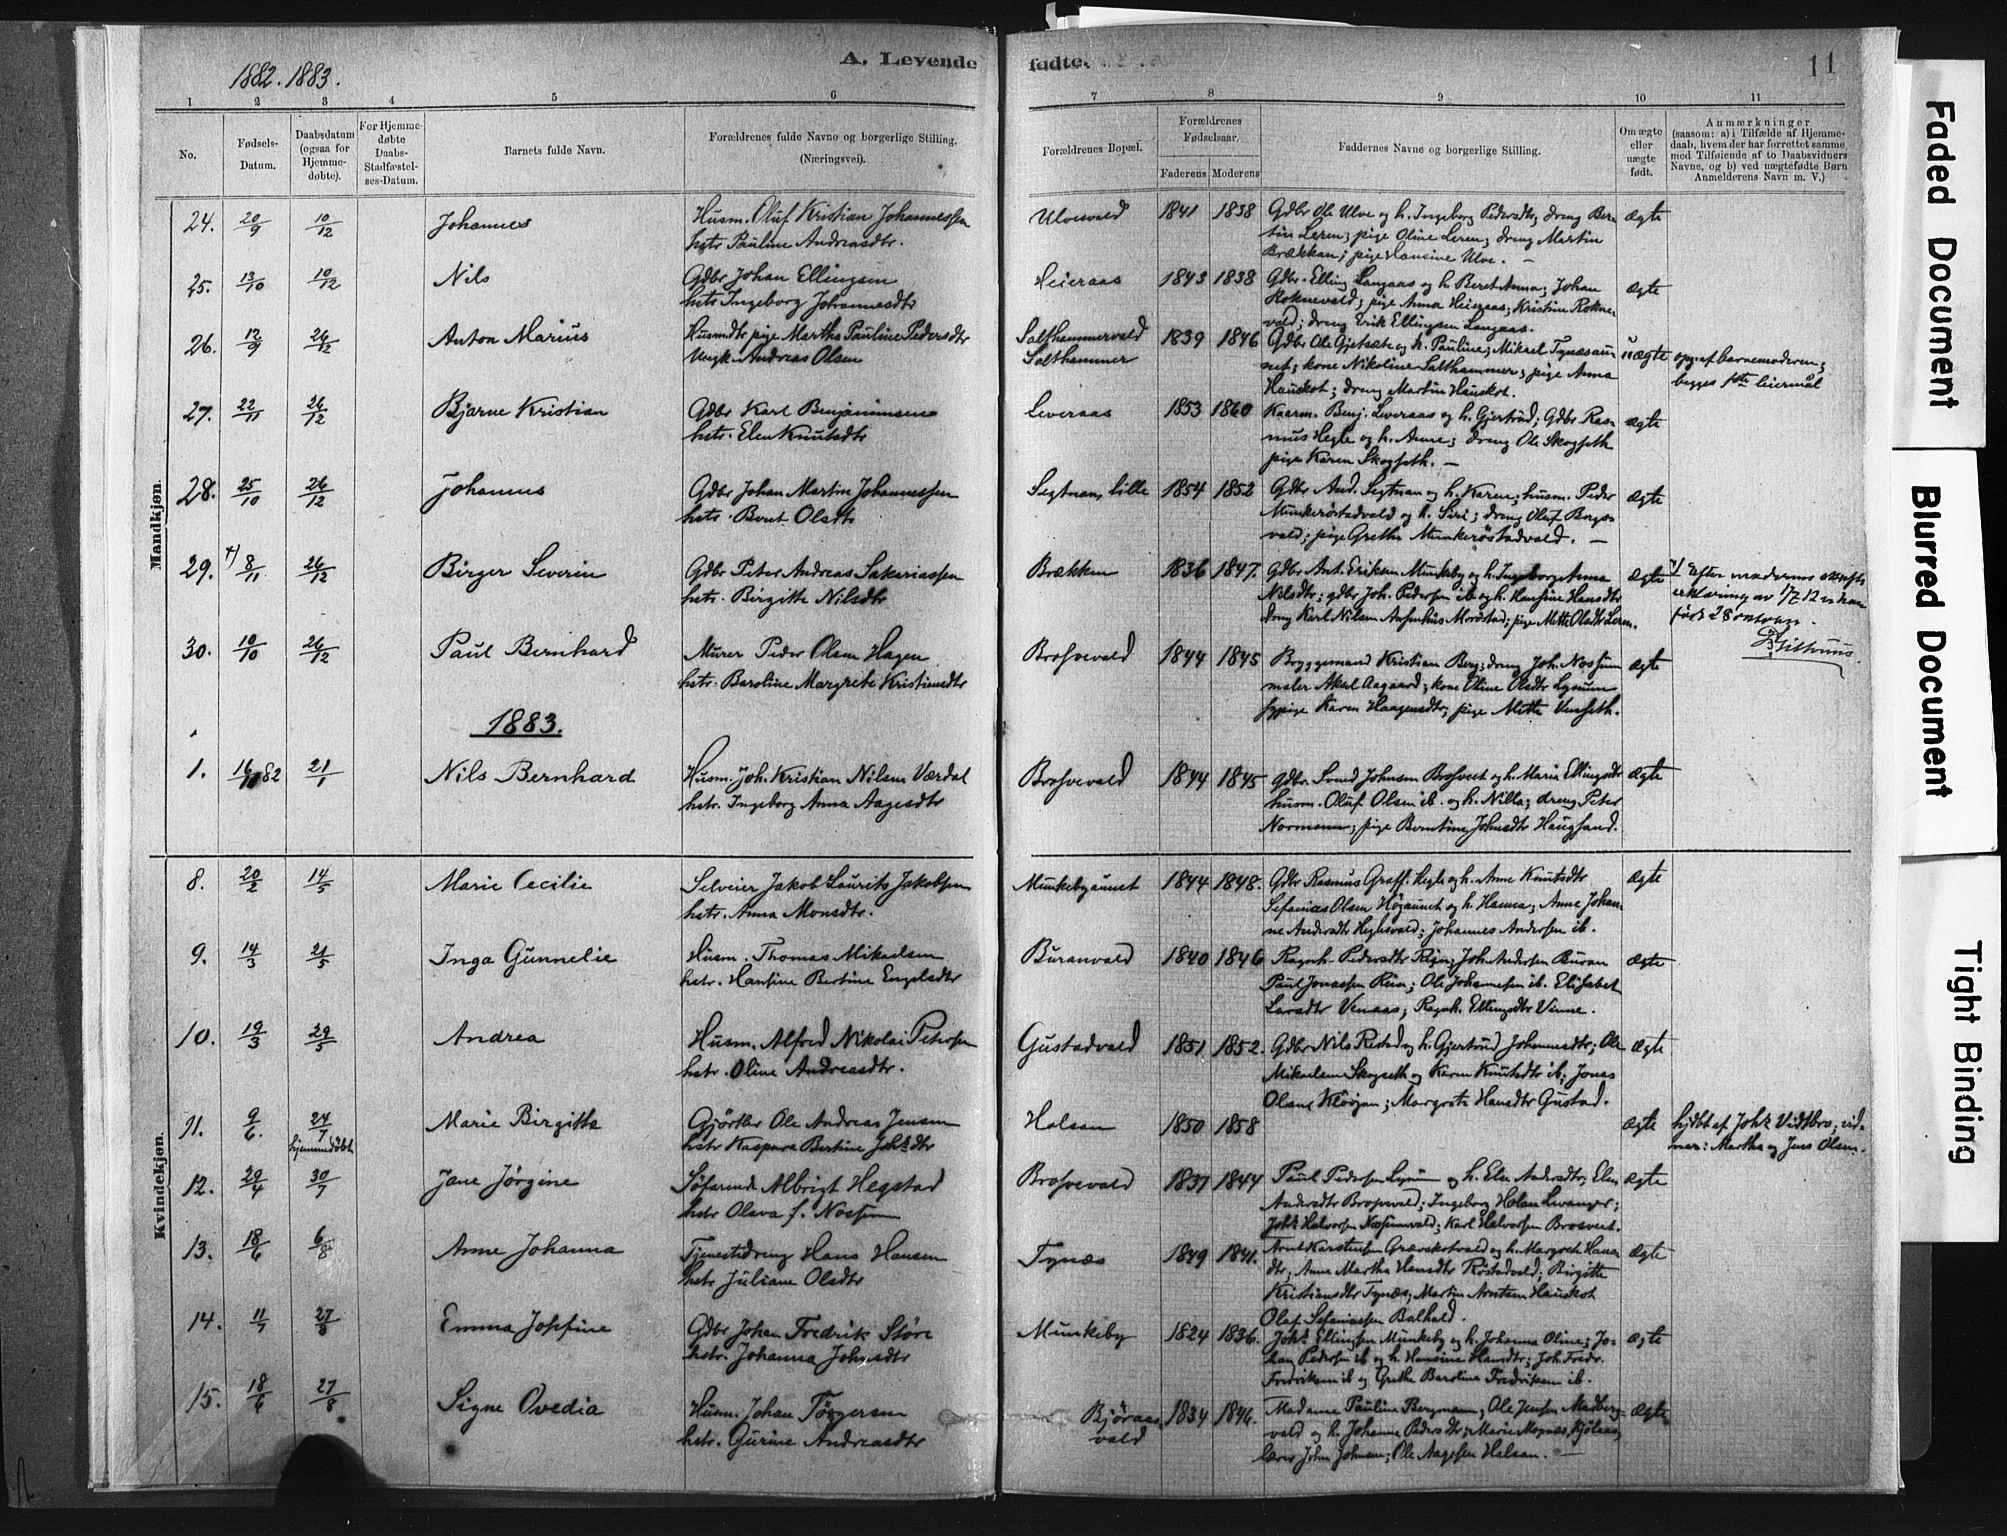 SAT, Ministerialprotokoller, klokkerbøker og fødselsregistre - Nord-Trøndelag, 721/L0207: Ministerialbok nr. 721A02, 1880-1911, s. 11